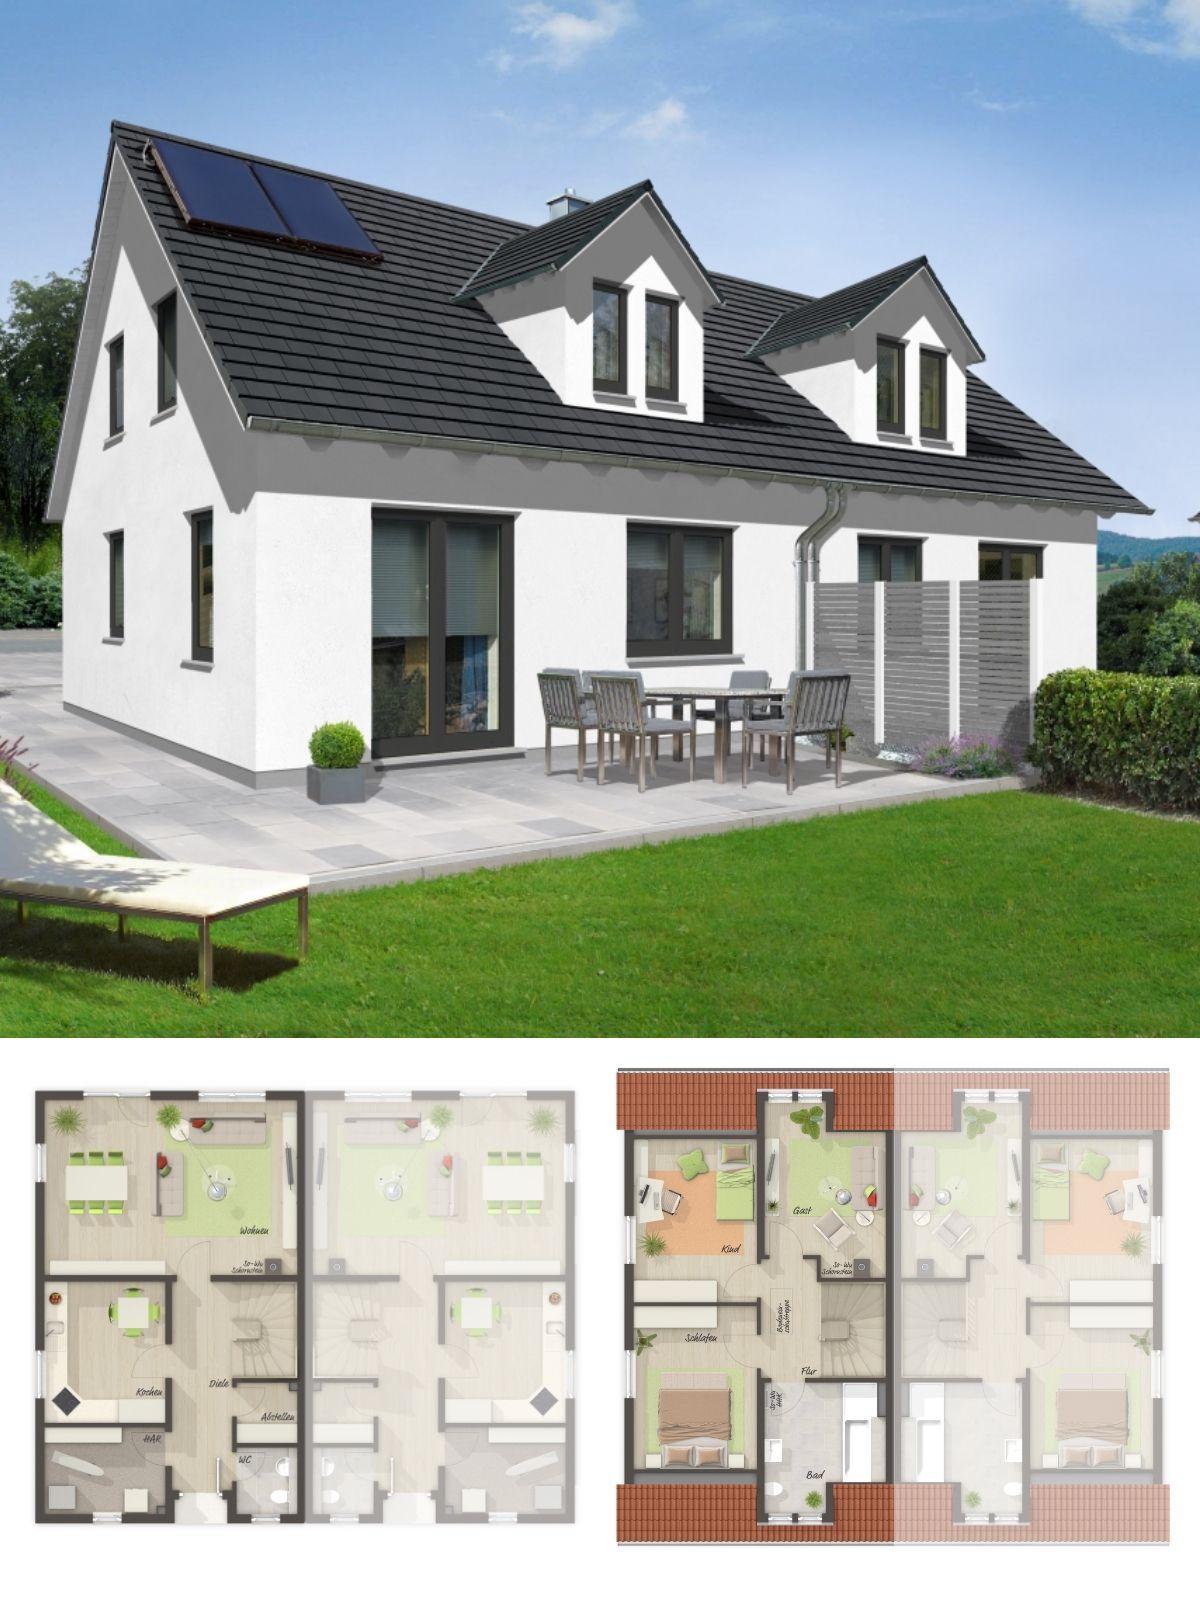 Moderne Doppelhaushälfte Mit Satteldach Architektur Gaube